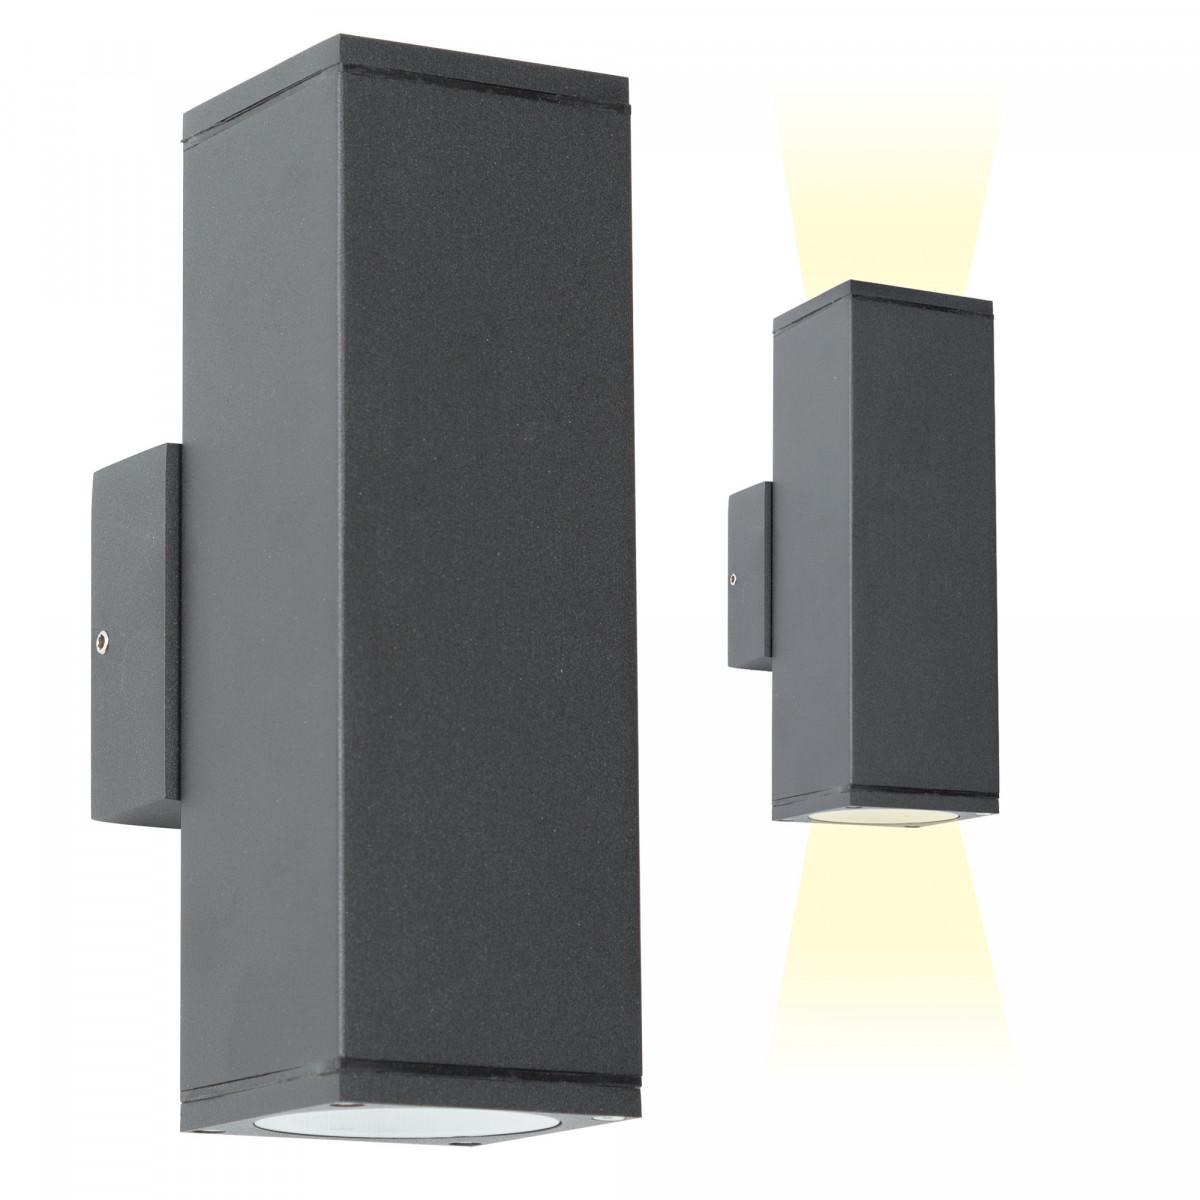 Wandspot Kelvin Up en Down, moderne wandverlichting in de kleur Antraciet, strak vormgegeven wandspot met 2x GU10 fitting, zeer geschikt als gevelverlichting, gevelspot, modern karakter, smaakvol design